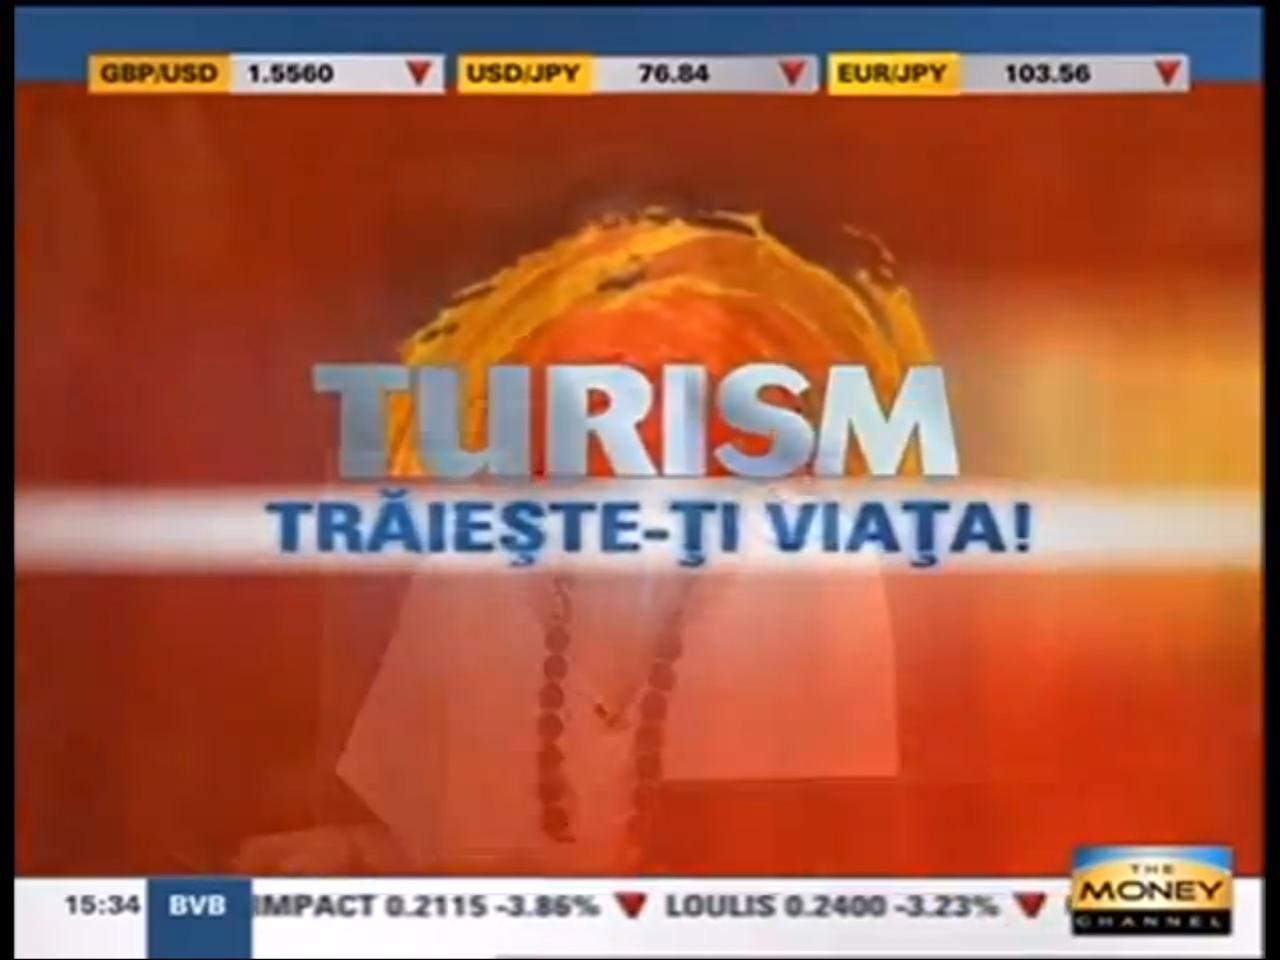 Inregistrare emisiunea de turism Traieste-ti viata – editia 7, 25 noiembrie 2011